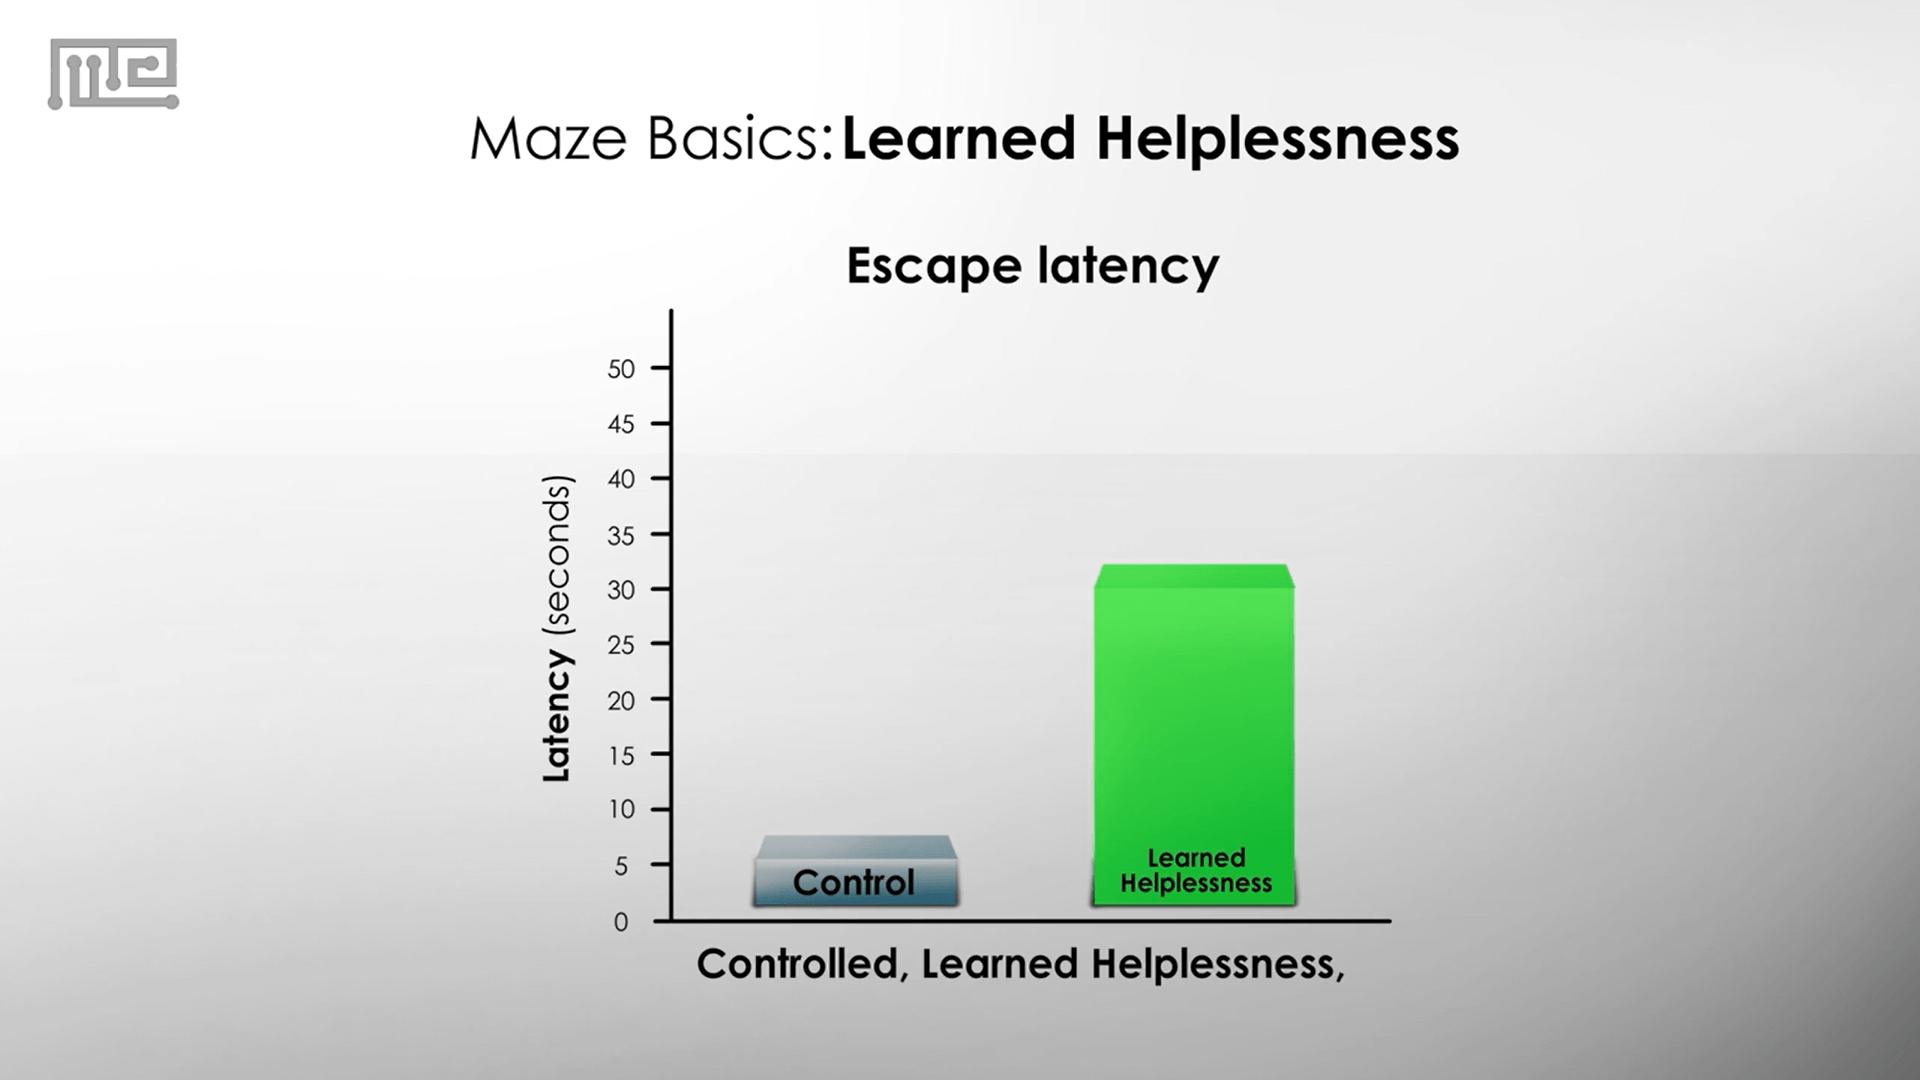 Learned Helplessness escape latency